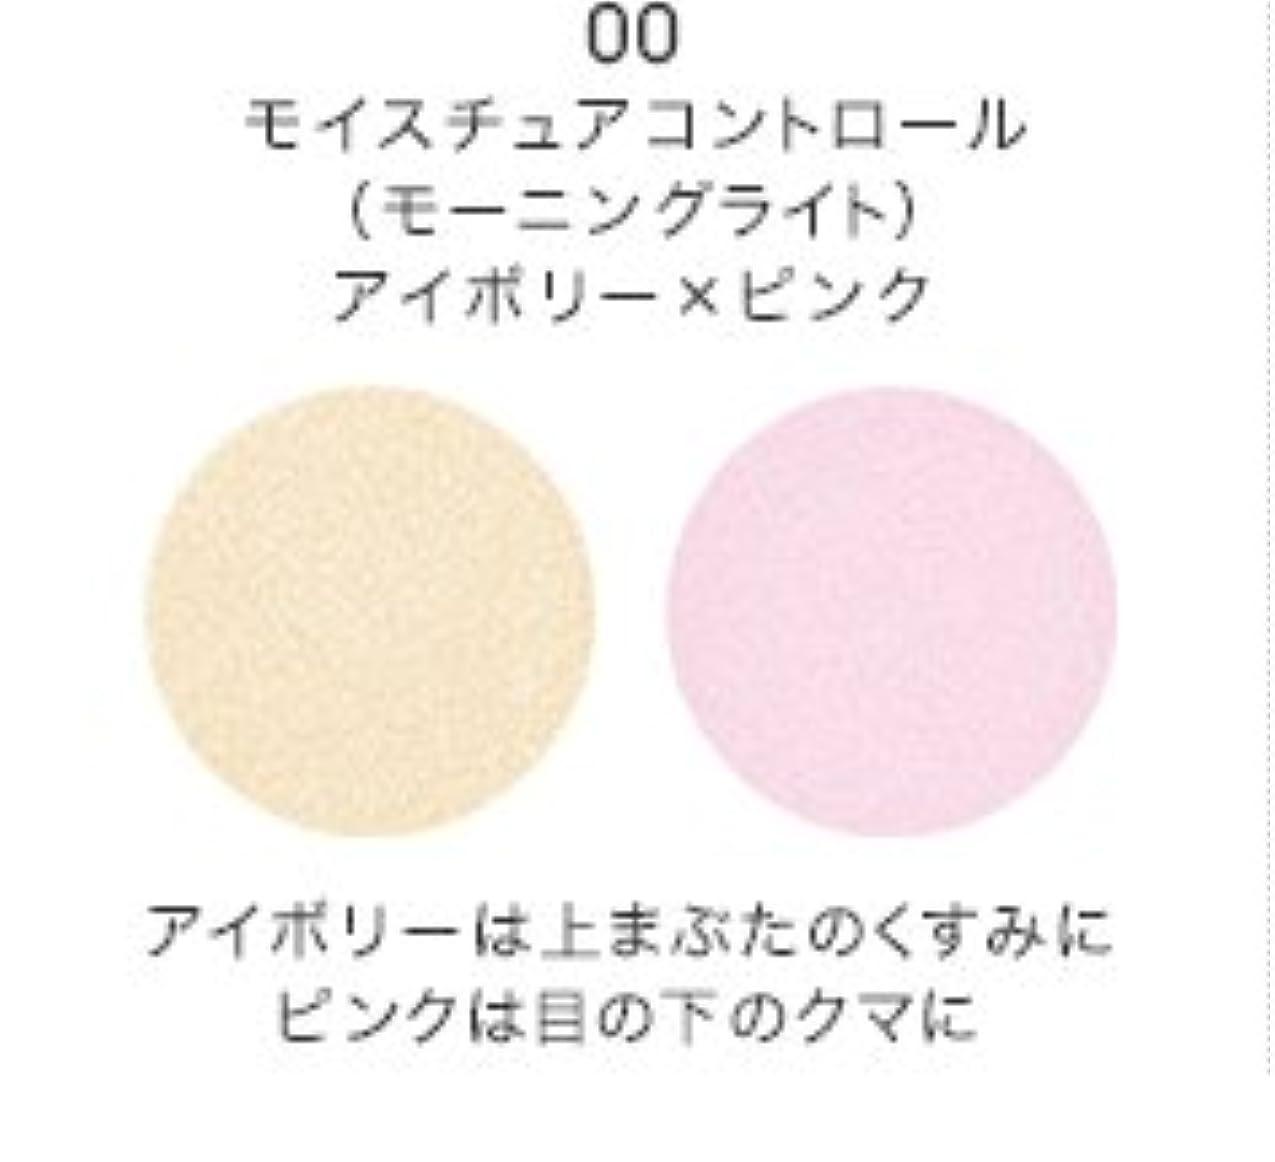 動揺させる契約した効果的【MiMC】ビオモイスチュアシャドー (00 モイスチュアコントロール(モーニングライト))